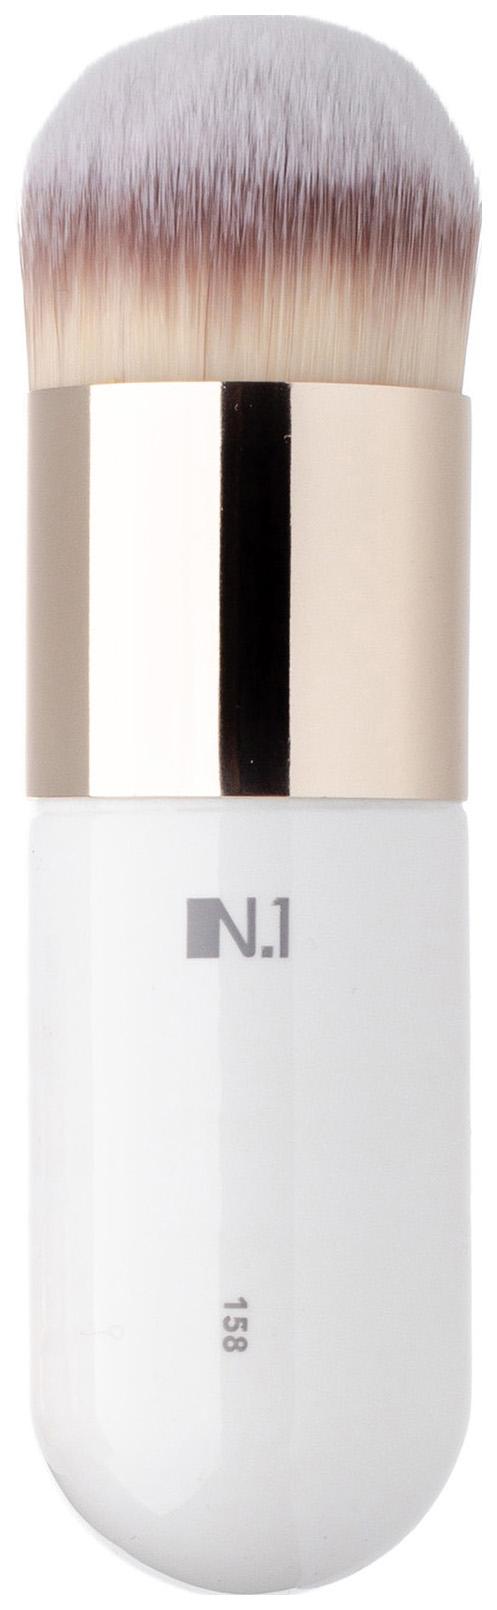 Кисть для макияжа N.1 Округлая кабуки из ворса таклон №158